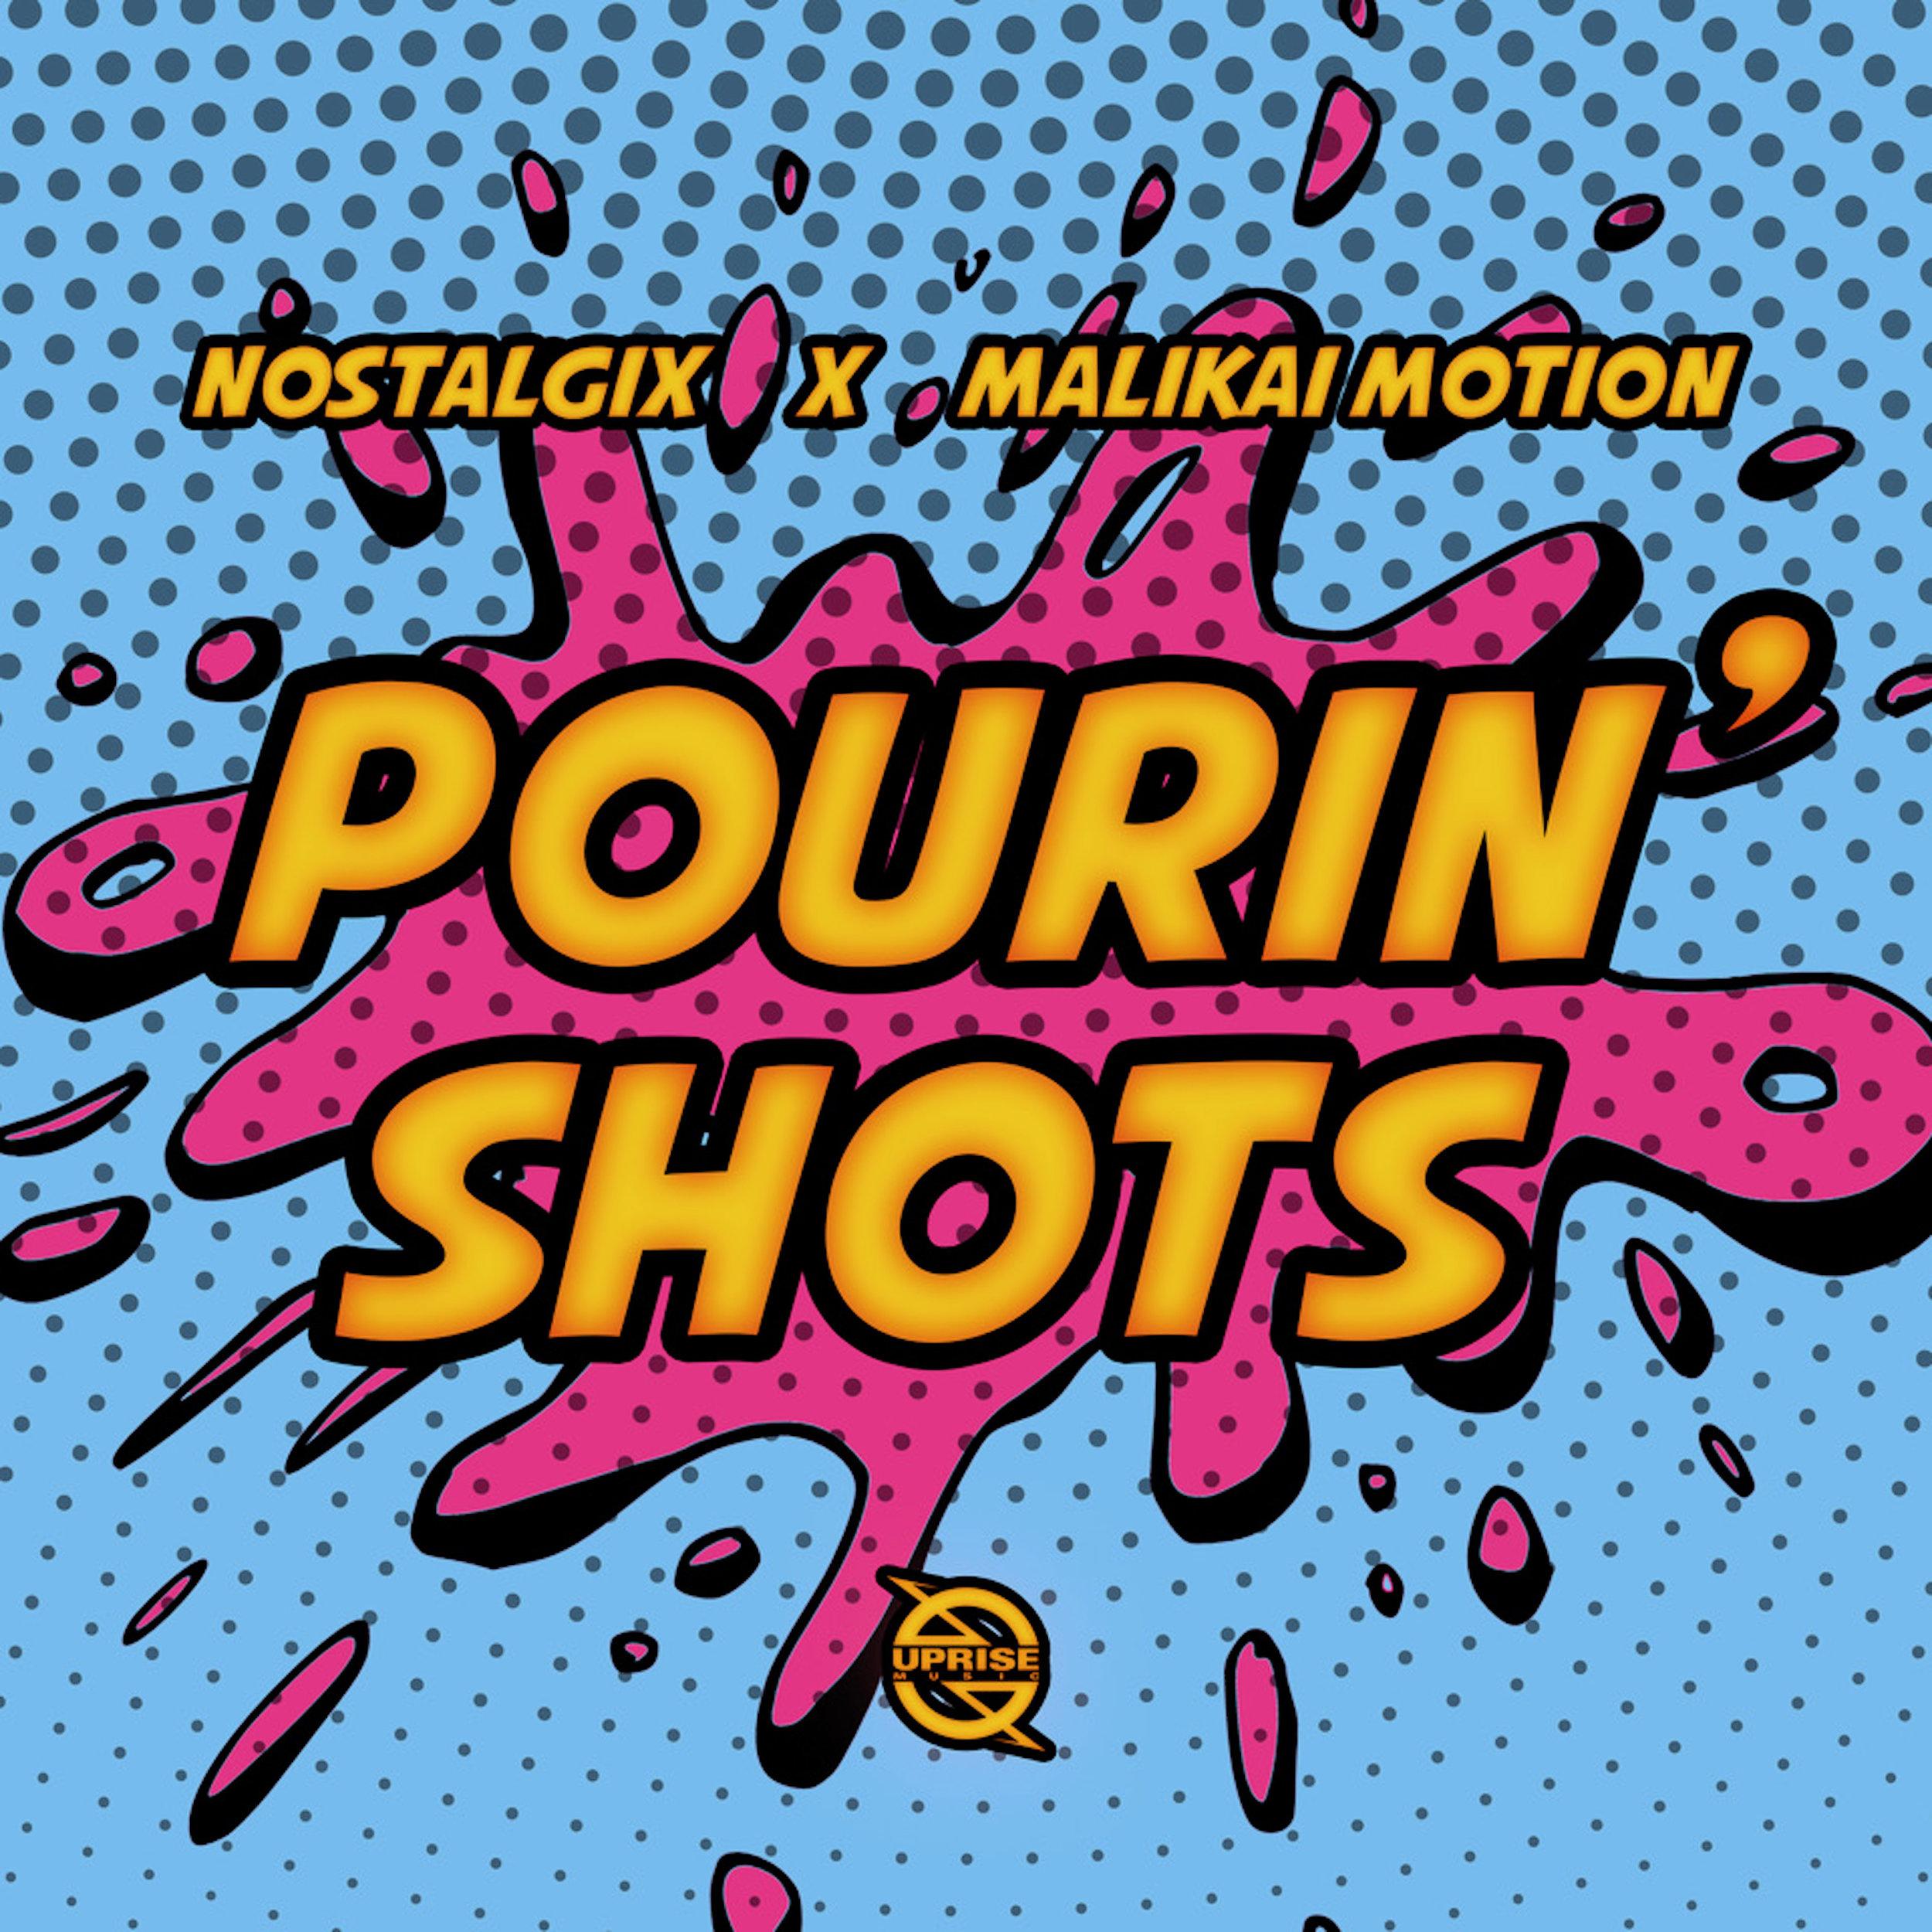 Nostalgix X Malikai Motion - Poruin Shots